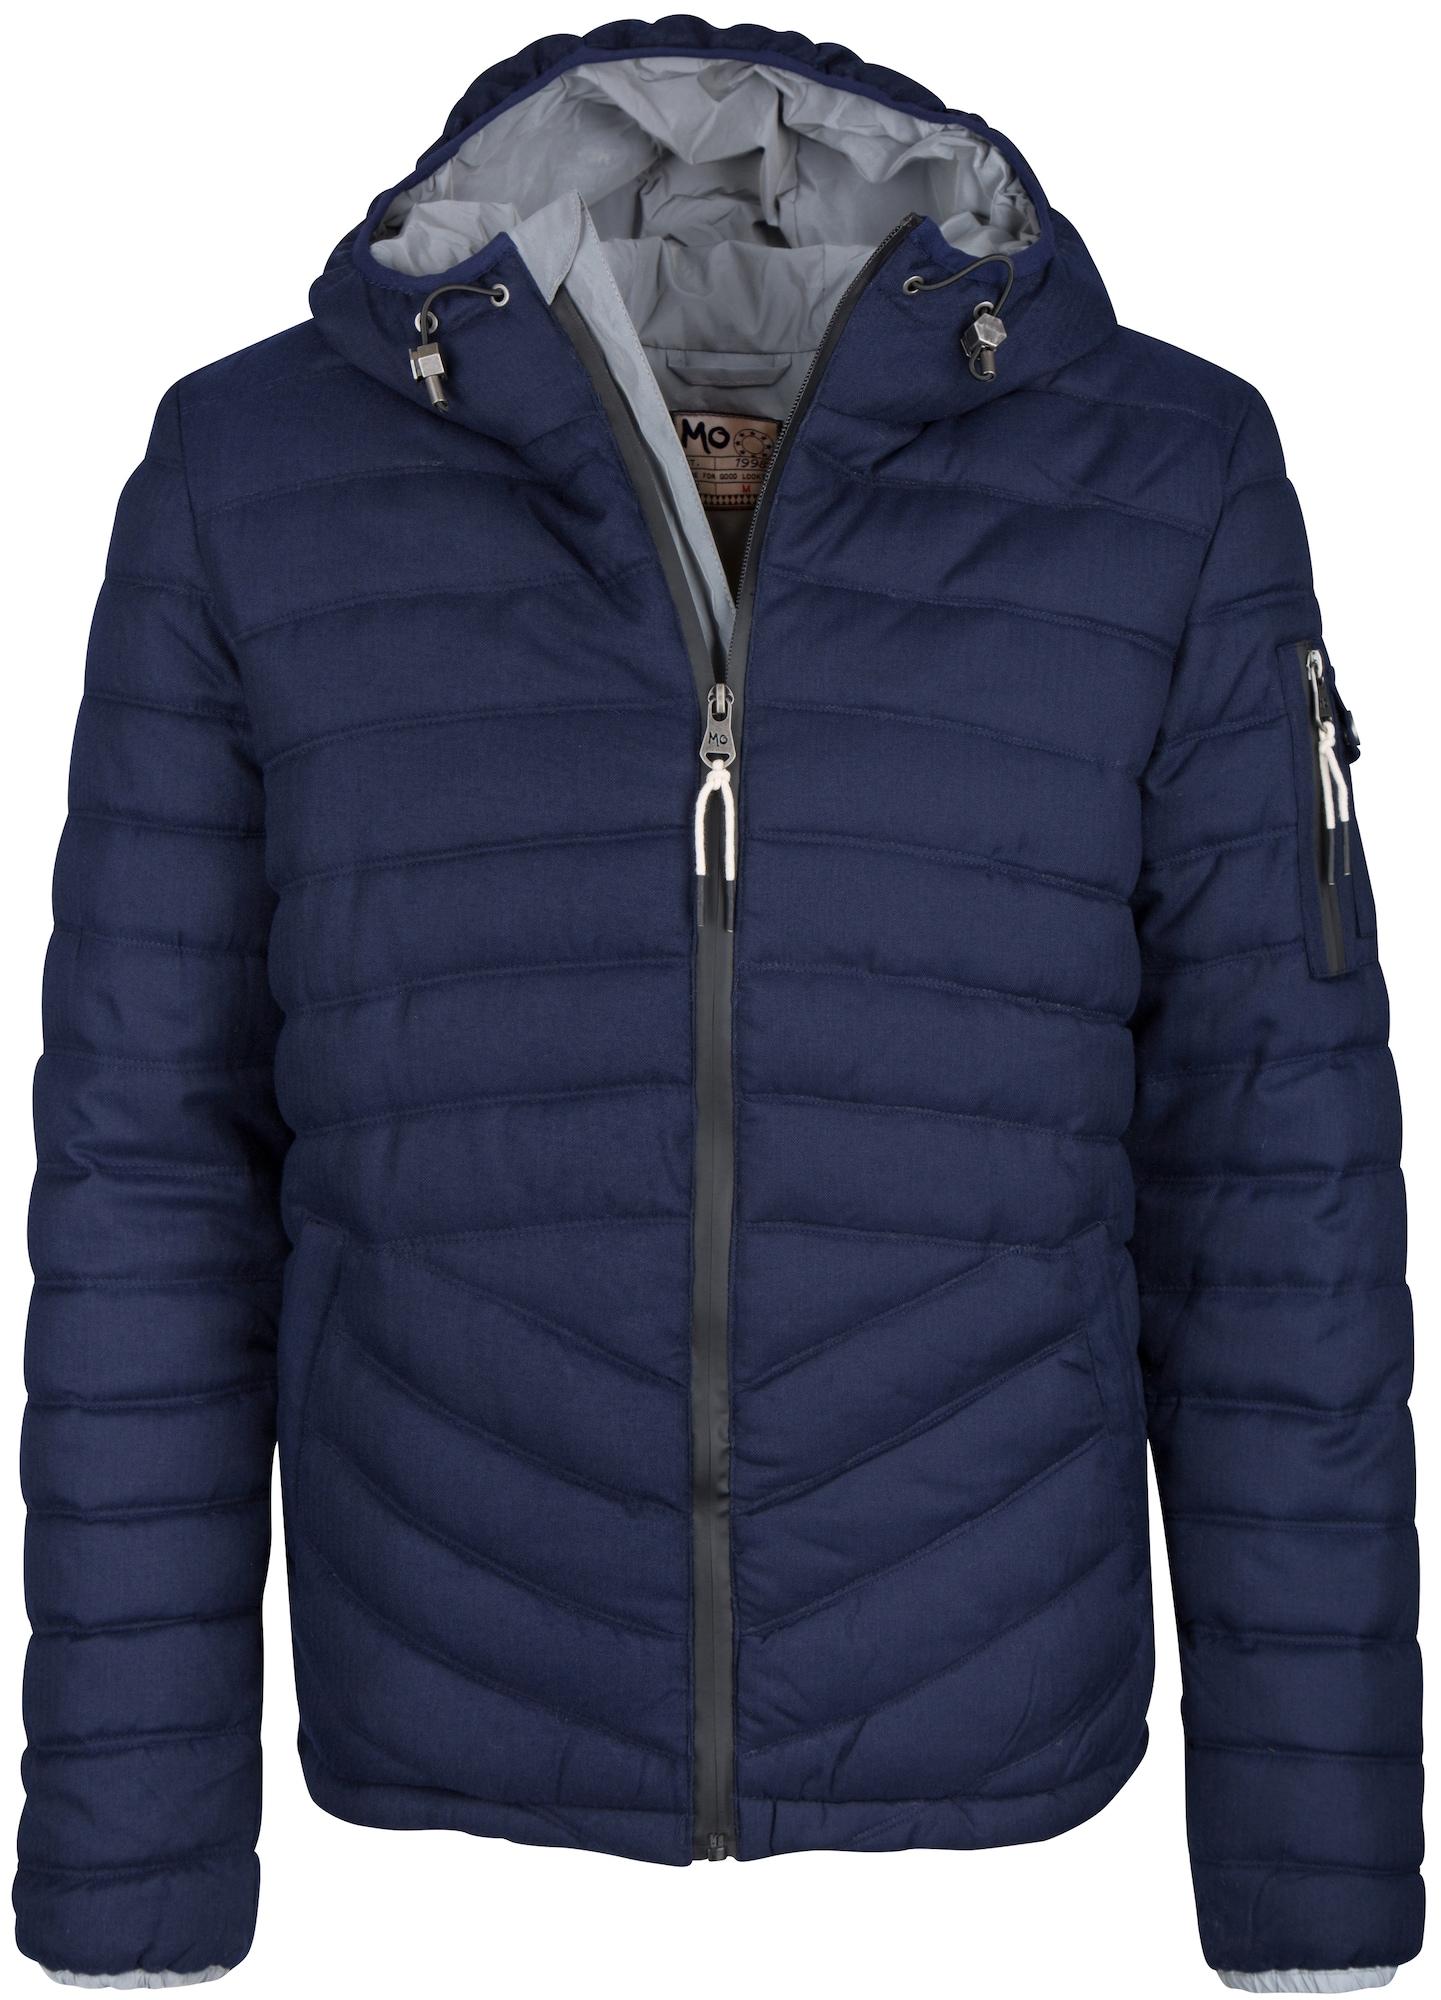 Details zu Daunen Mantel mit Kapuze Jacke Rene Lezard Braun Gr.M 38 Daun coat brown NP 600€